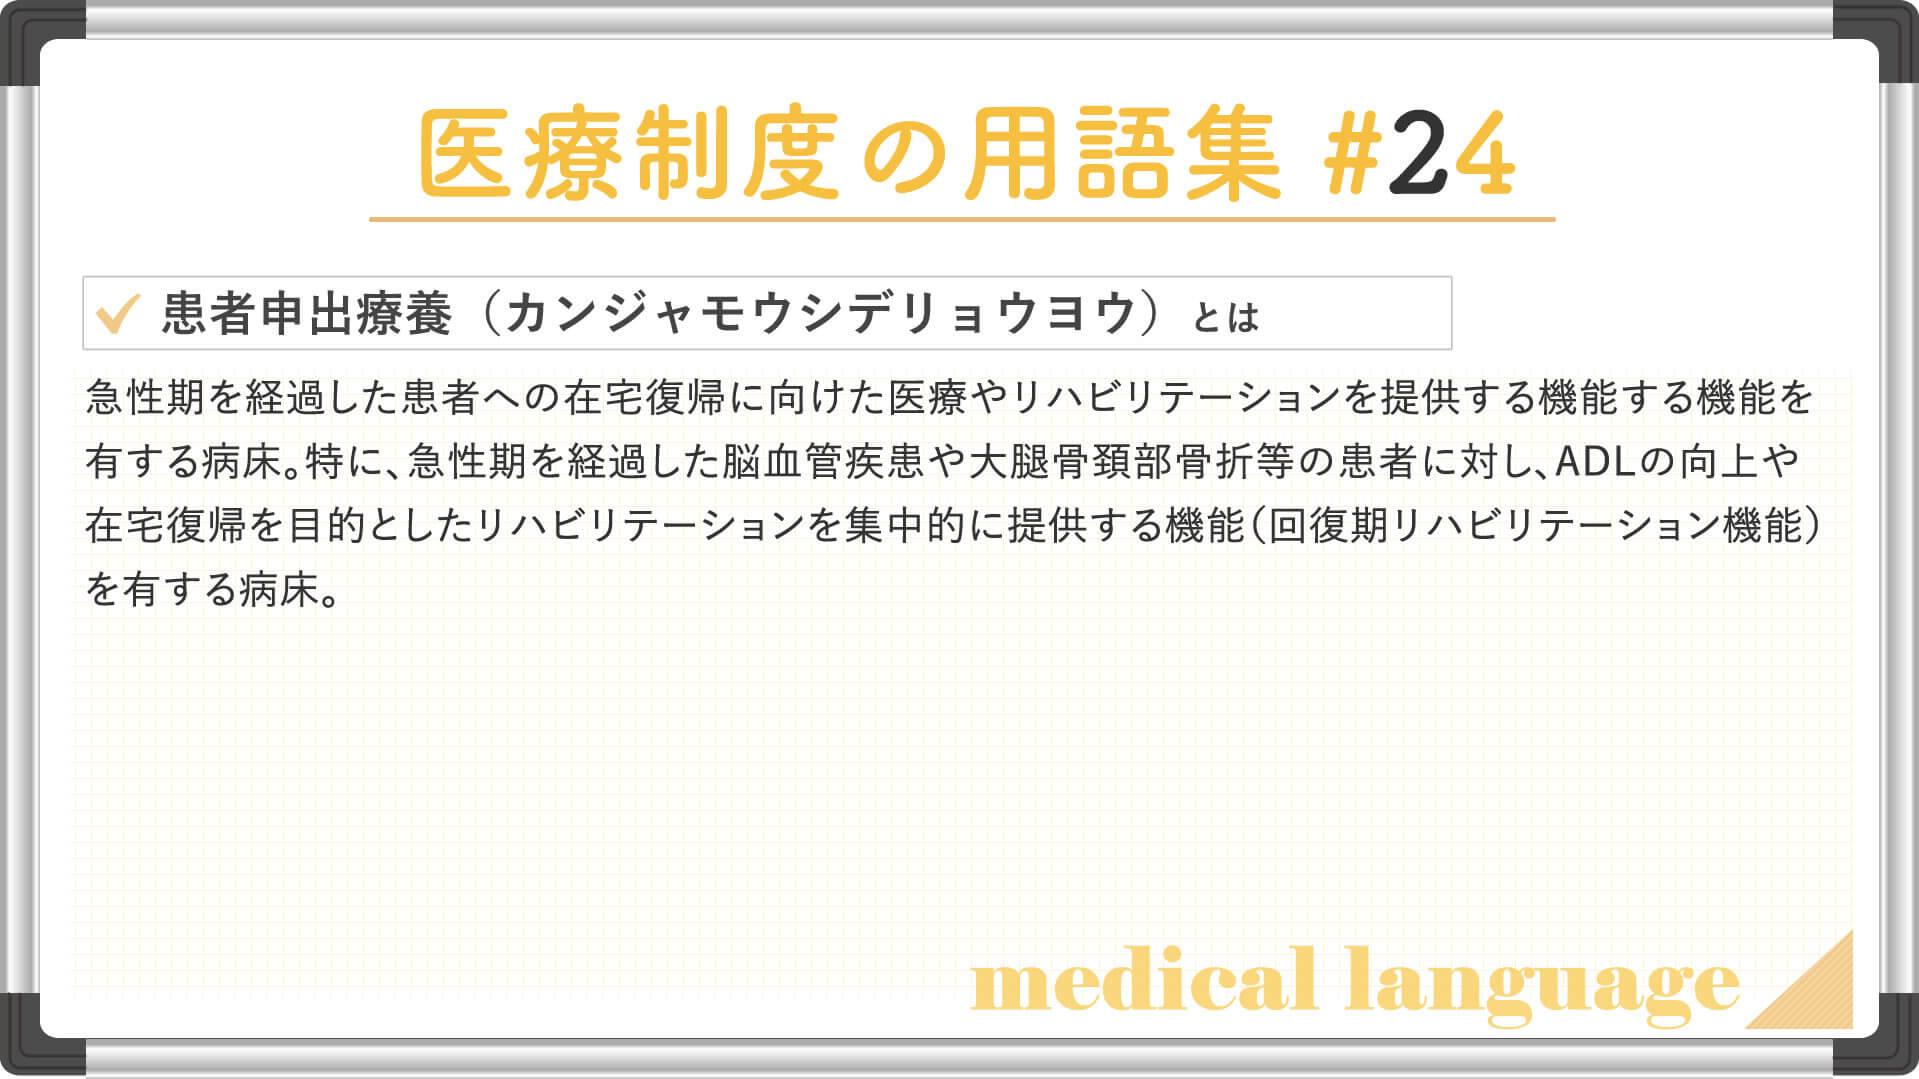 患者申出療養(カンジャモウシデリョウヨウ)の説明画像